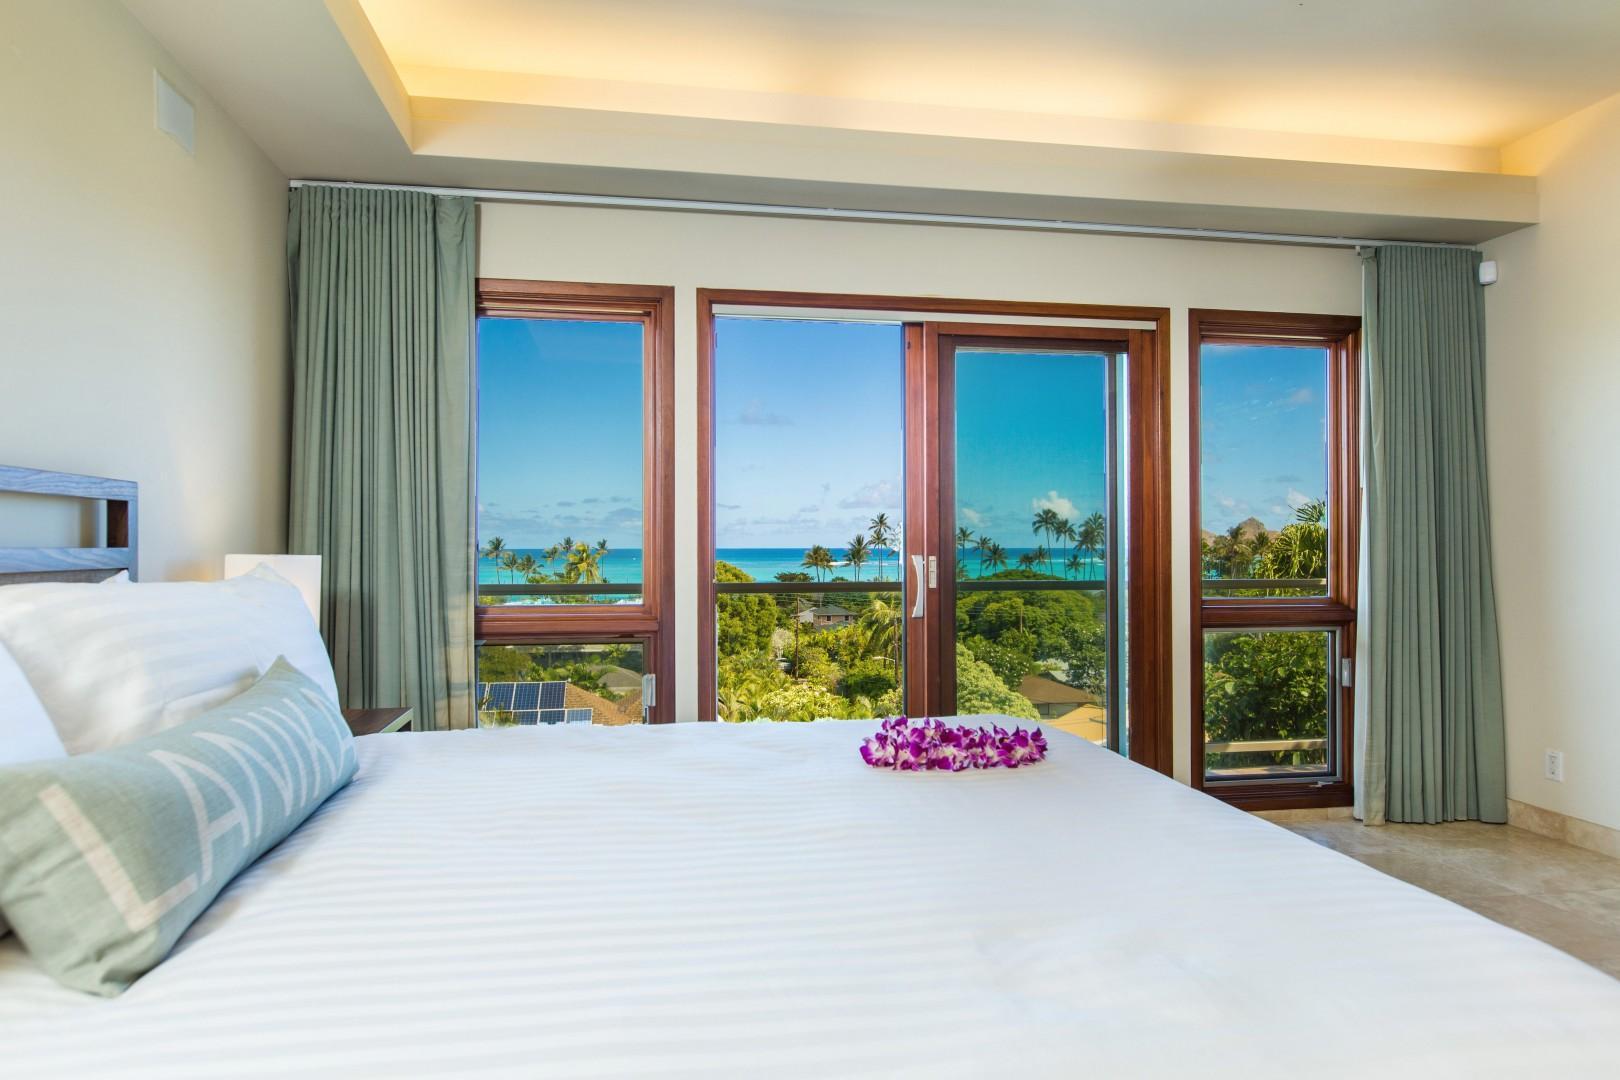 Second floor master bedroom with ocean views.